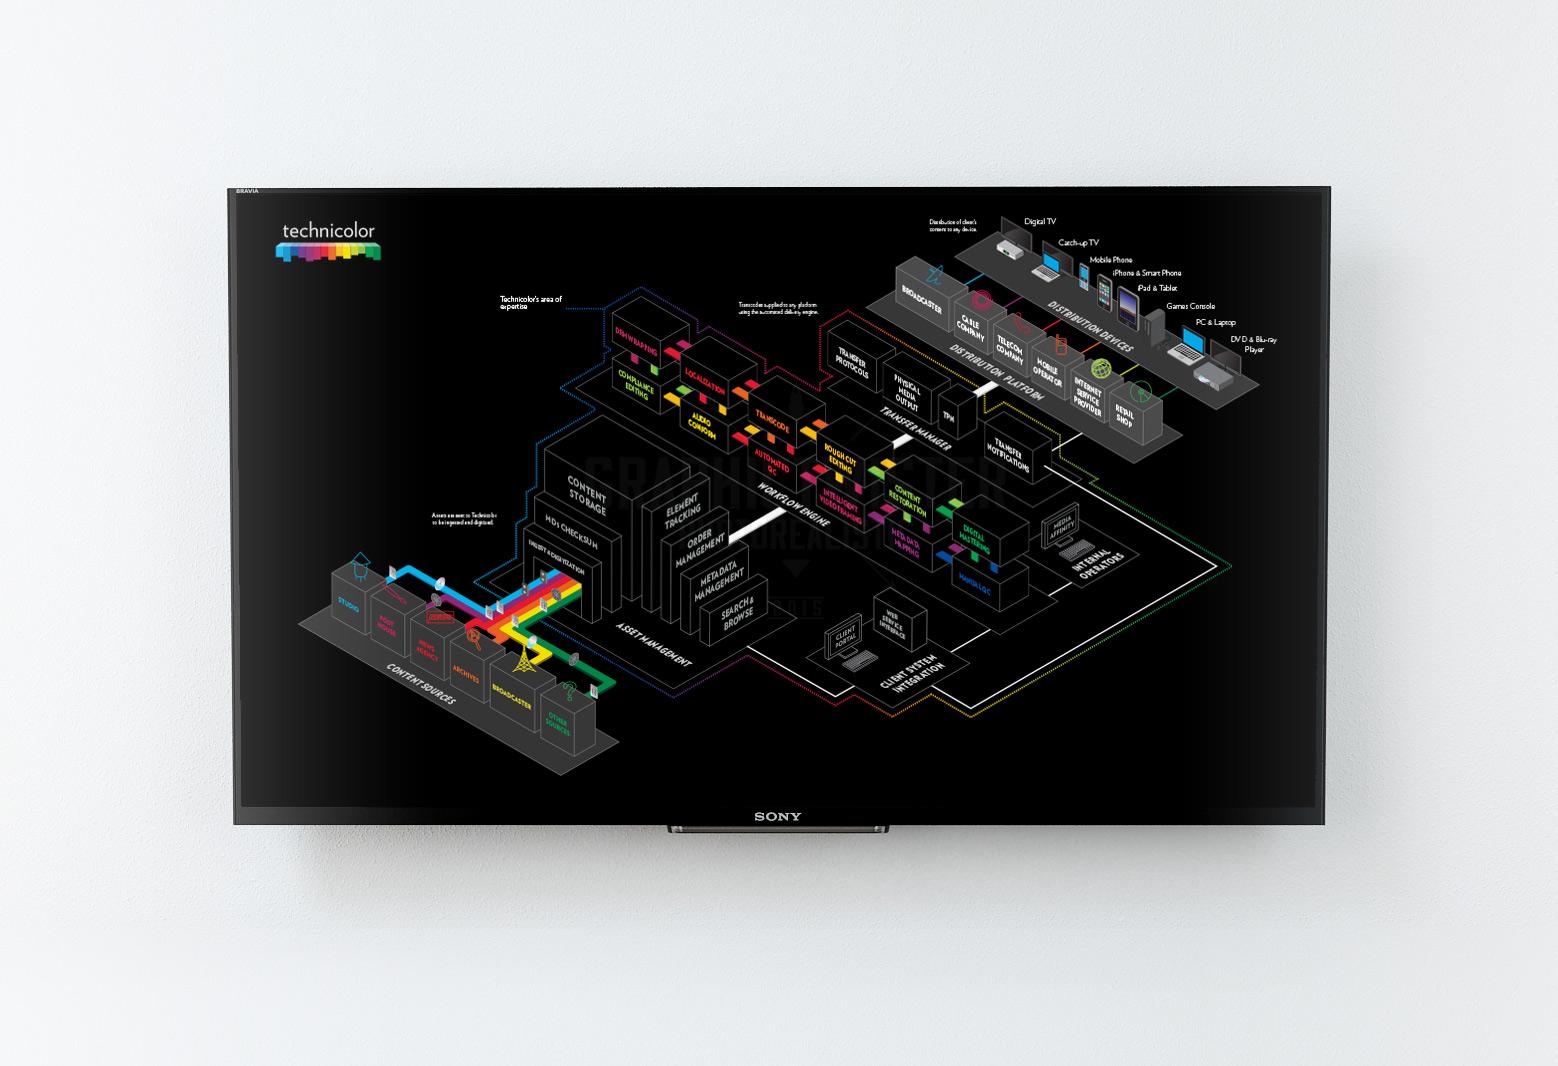 Technicolor-3dDiagram-tv